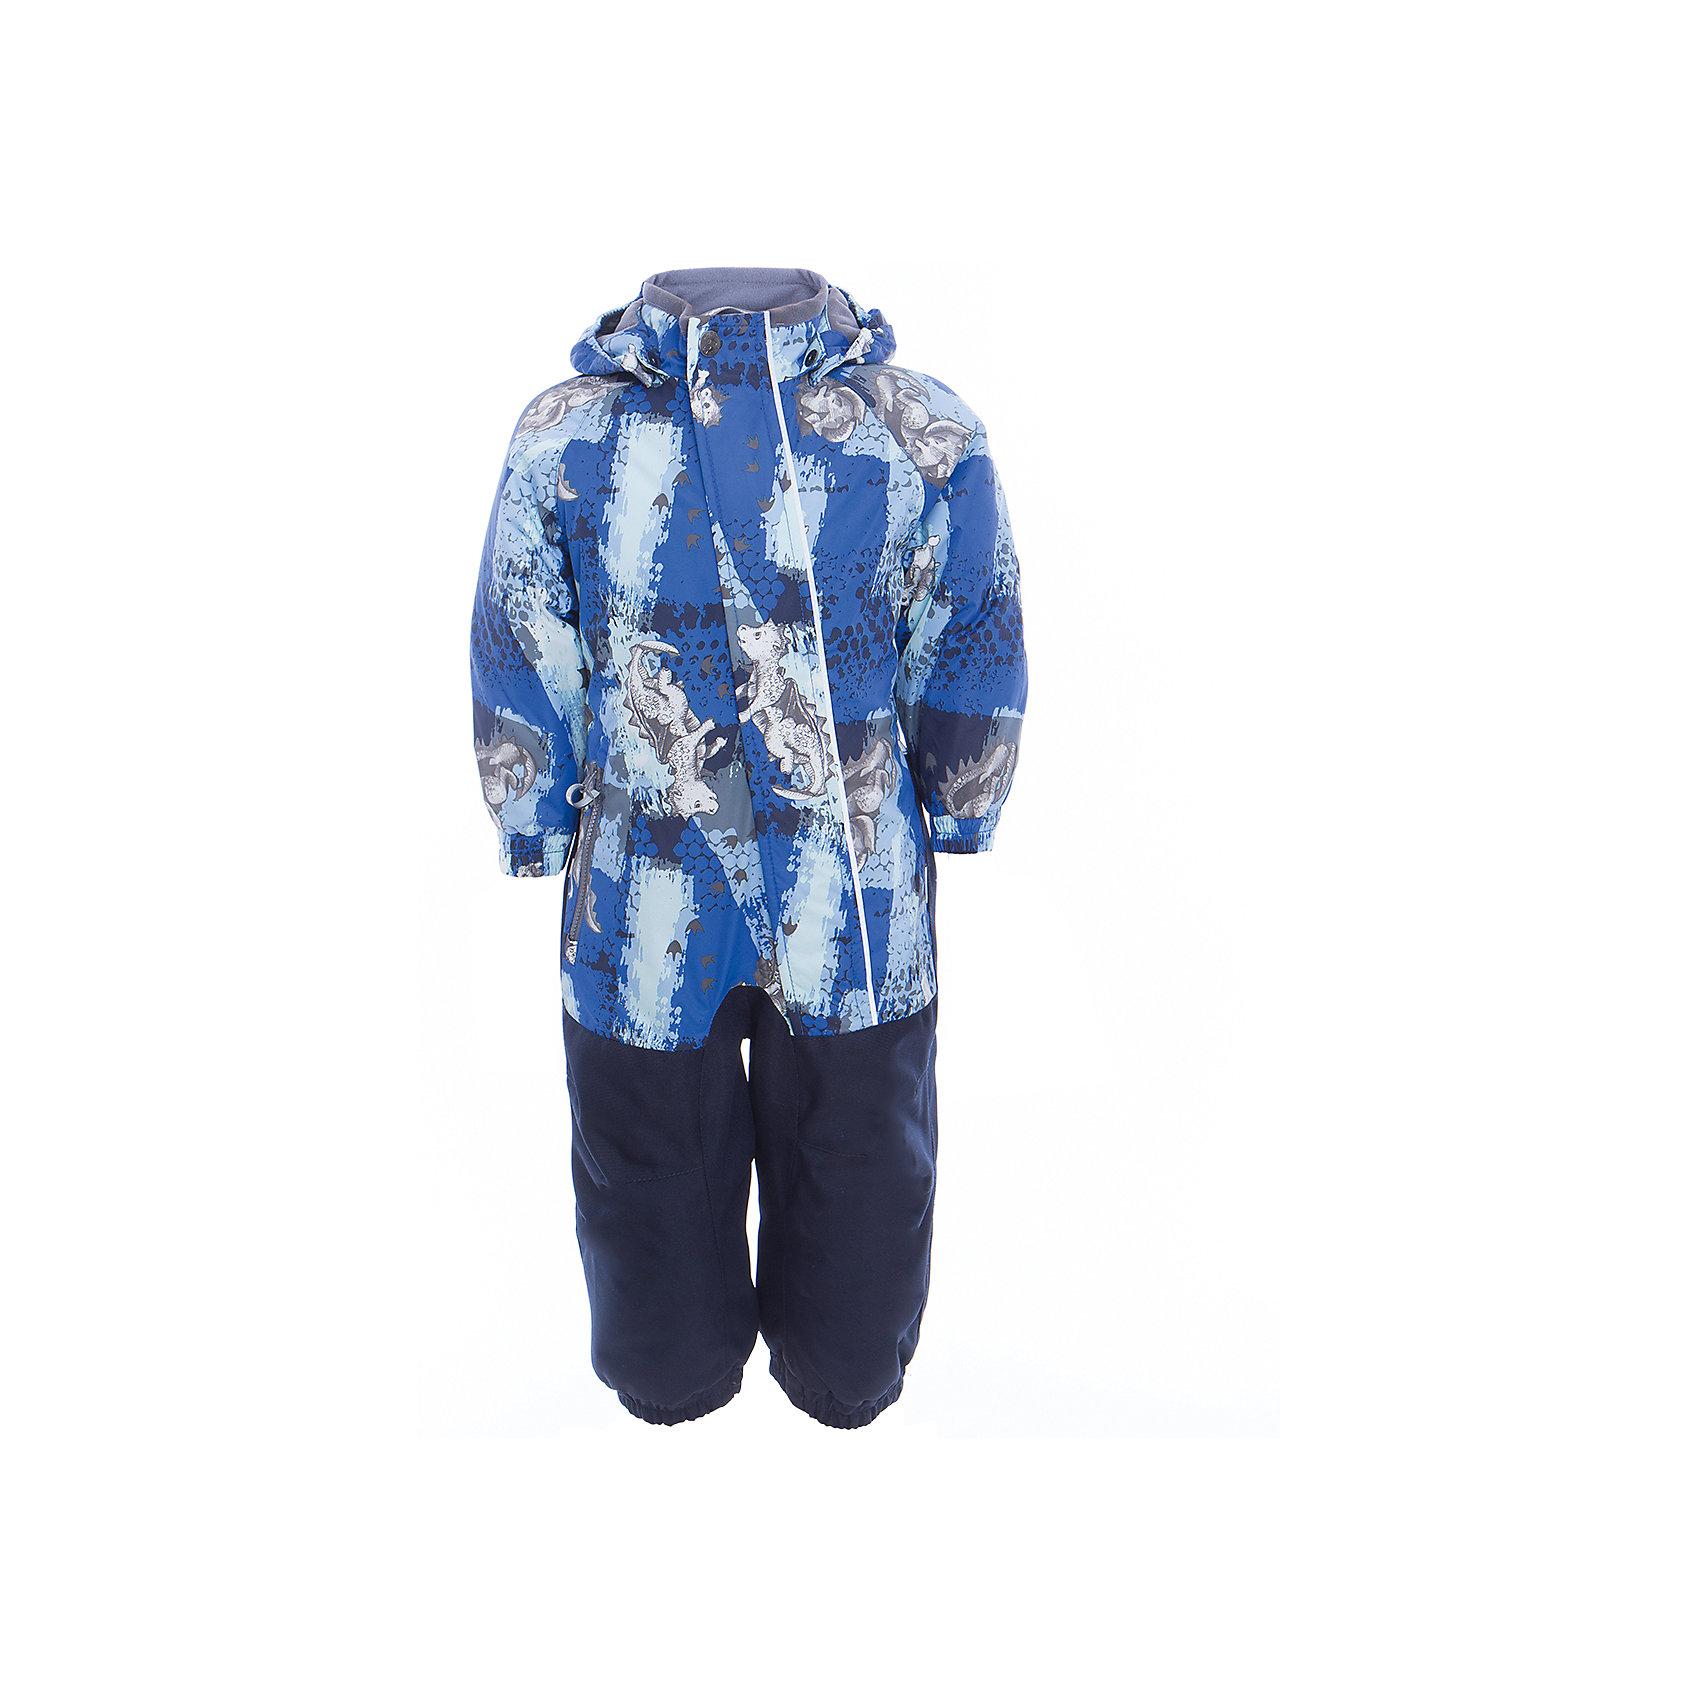 Комбинезон CHRIS для девочки HuppaКомбинезоны<br>Характеристики товара:<br><br>• цвет: синий принт<br>• ткань: 100% полиэстер<br>• подкладка: тафта, pritex - 100% полиэстер<br>• утеплитель: 100% полиэстер 100 г<br>• температурный режим: от -5°С до +10°С<br>• водонепроницаемость: верх - 5000 мм, низ - 10000 мм<br>• воздухопроницаемость: верх - 5000 мм, низ - 10000 мм<br>• светоотражающие детали<br>• средний задний шов, боковые и внутренние швы проклеены<br>• съёмный капюшон с резинкой<br>• защита подбородка<br>• эластичные манжеты<br>• манжеты брюк с резинкой<br>• съёмные эластичные штрипки<br>• без внутренних швов<br>• коллекция: весна-лето 2017<br>• страна бренда: Эстония<br><br>Этот удобный комбинезон обеспечит детям тепло и комфорт. Он сделан из материала, отталкивающего воду, и дополнен подкладкой с утеплителем, поэтому изделие идеально подходит для межсезонья. Материал изделия - с мембранной технологией: защищая от влаги и ветра, он легко выводит лишнюю влагу наружу. Комбинезон очень симпатично смотрится. <br><br>Одежда и обувь от популярного эстонского бренда Huppa - отличный вариант одеть ребенка можно и комфортно. Вещи, выпускаемые компанией, качественные, продуманные и очень удобные. Для производства изделий используются только безопасные для детей материалы. Продукция от Huppa порадует и детей, и их родителей!<br><br>Комбинезон GOLDEN от бренда Huppa (Хуппа) можно купить в нашем интернет-магазине.<br><br>Ширина мм: 356<br>Глубина мм: 10<br>Высота мм: 245<br>Вес г: 519<br>Цвет: синий<br>Возраст от месяцев: 36<br>Возраст до месяцев: 48<br>Пол: Мужской<br>Возраст: Детский<br>Размер: 104,80,86,92,98<br>SKU: 5346542